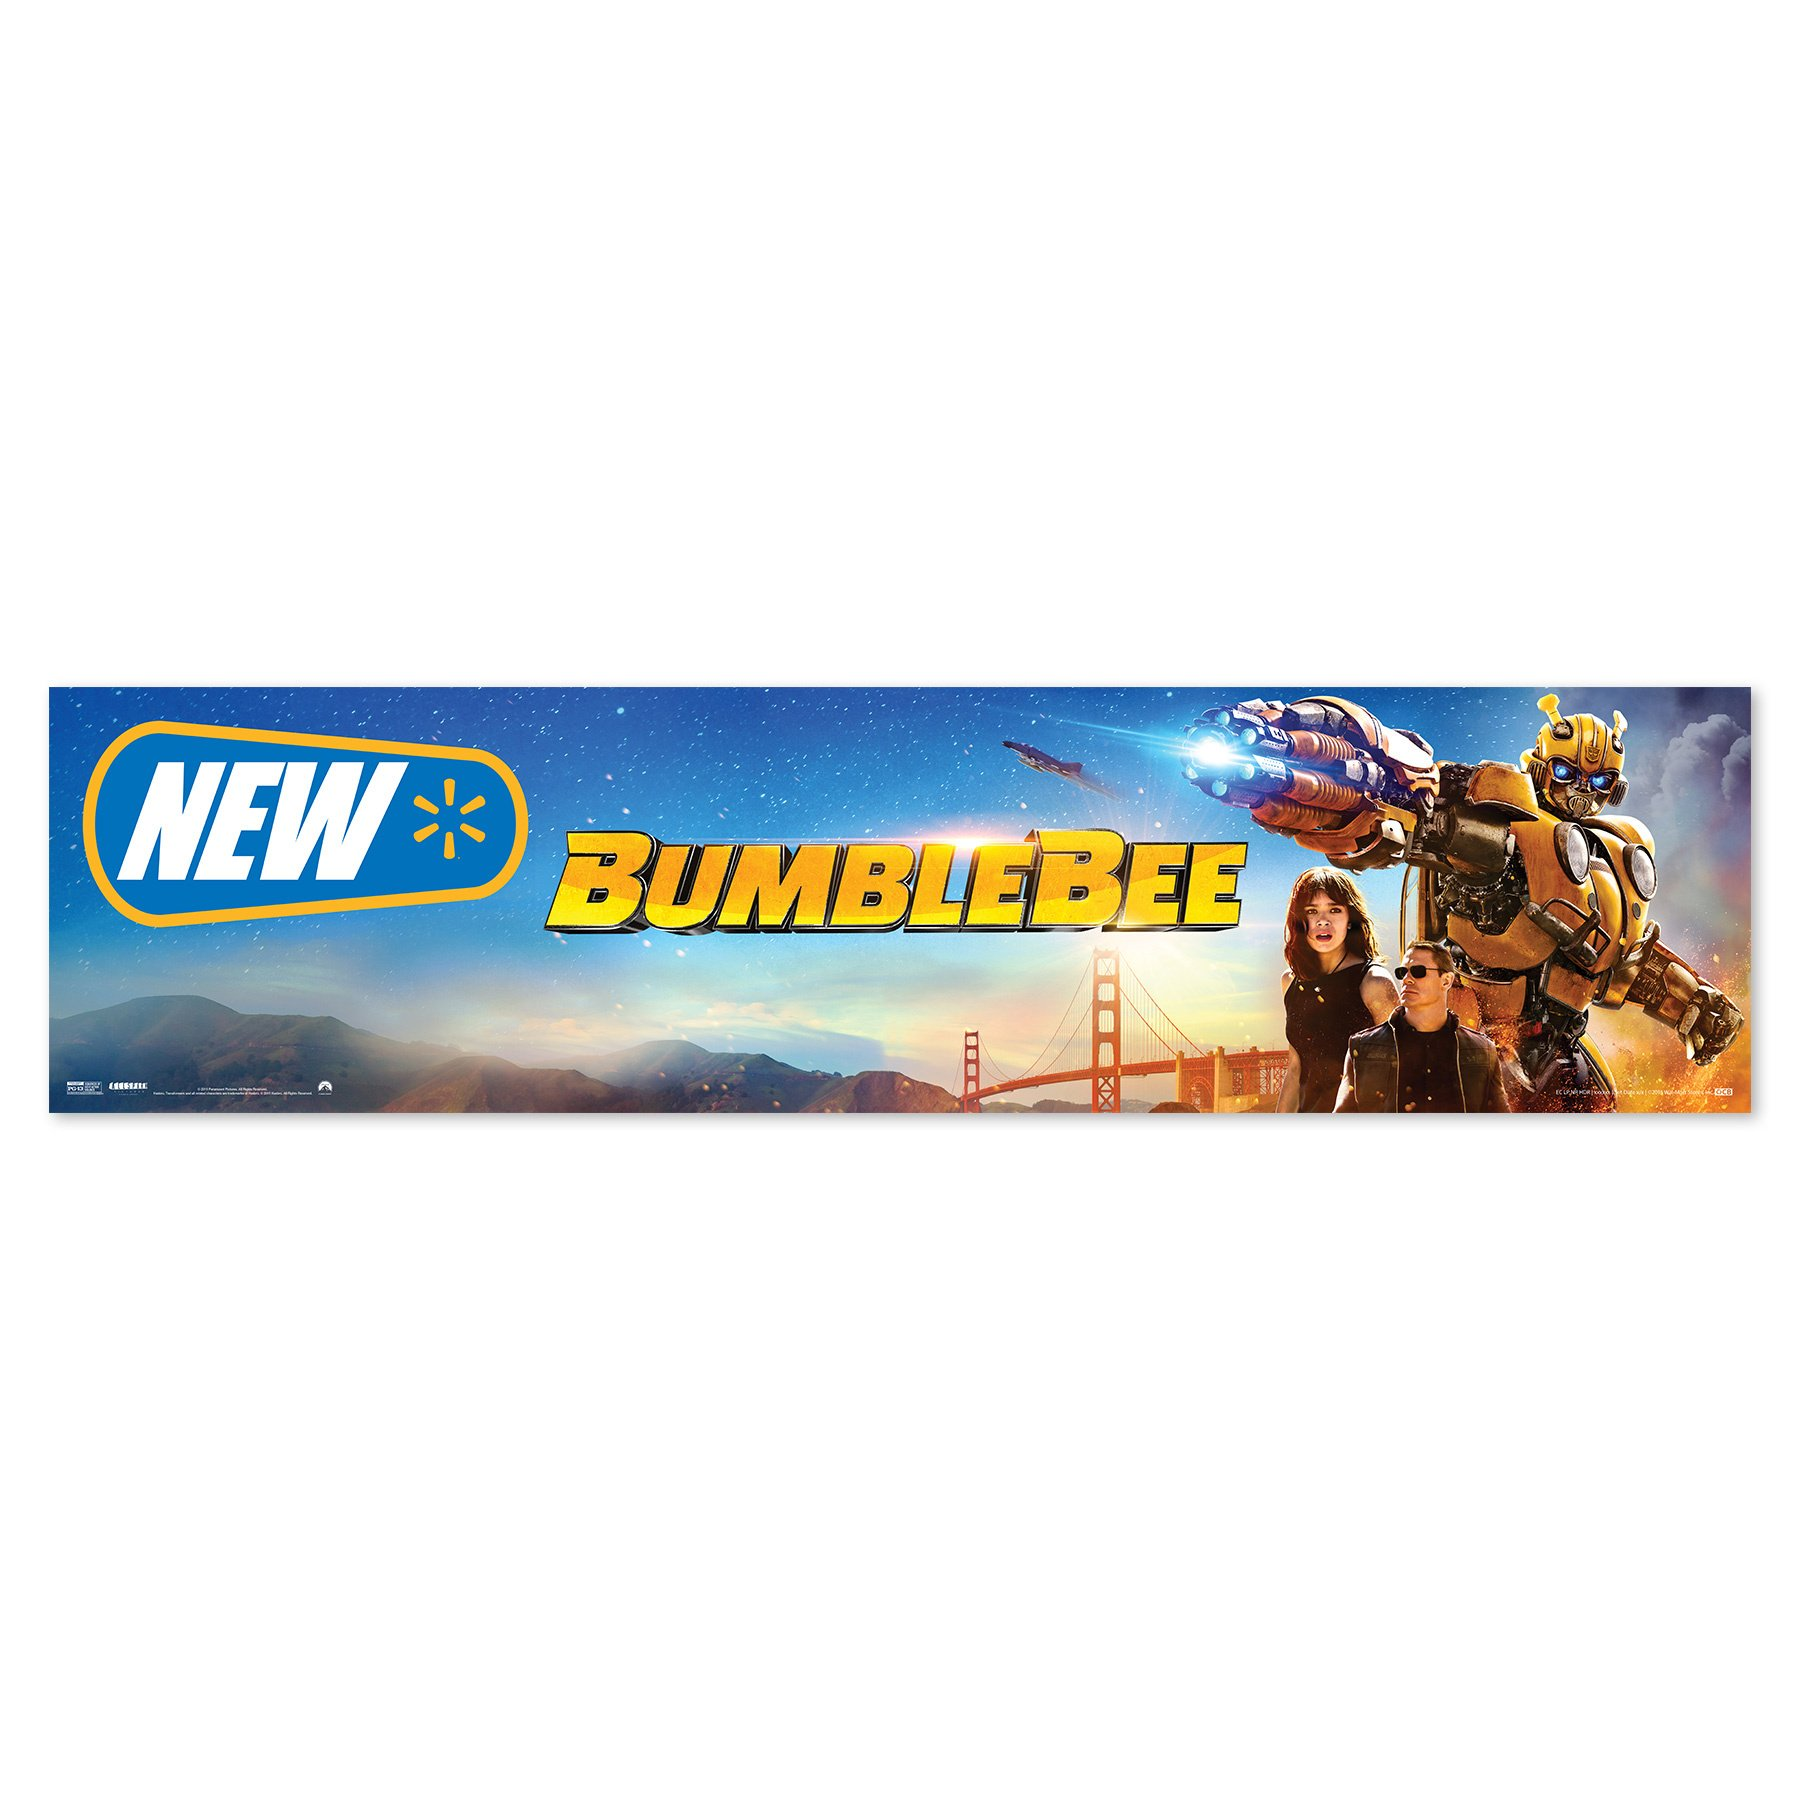 BumbleBee Walmart New Release Header